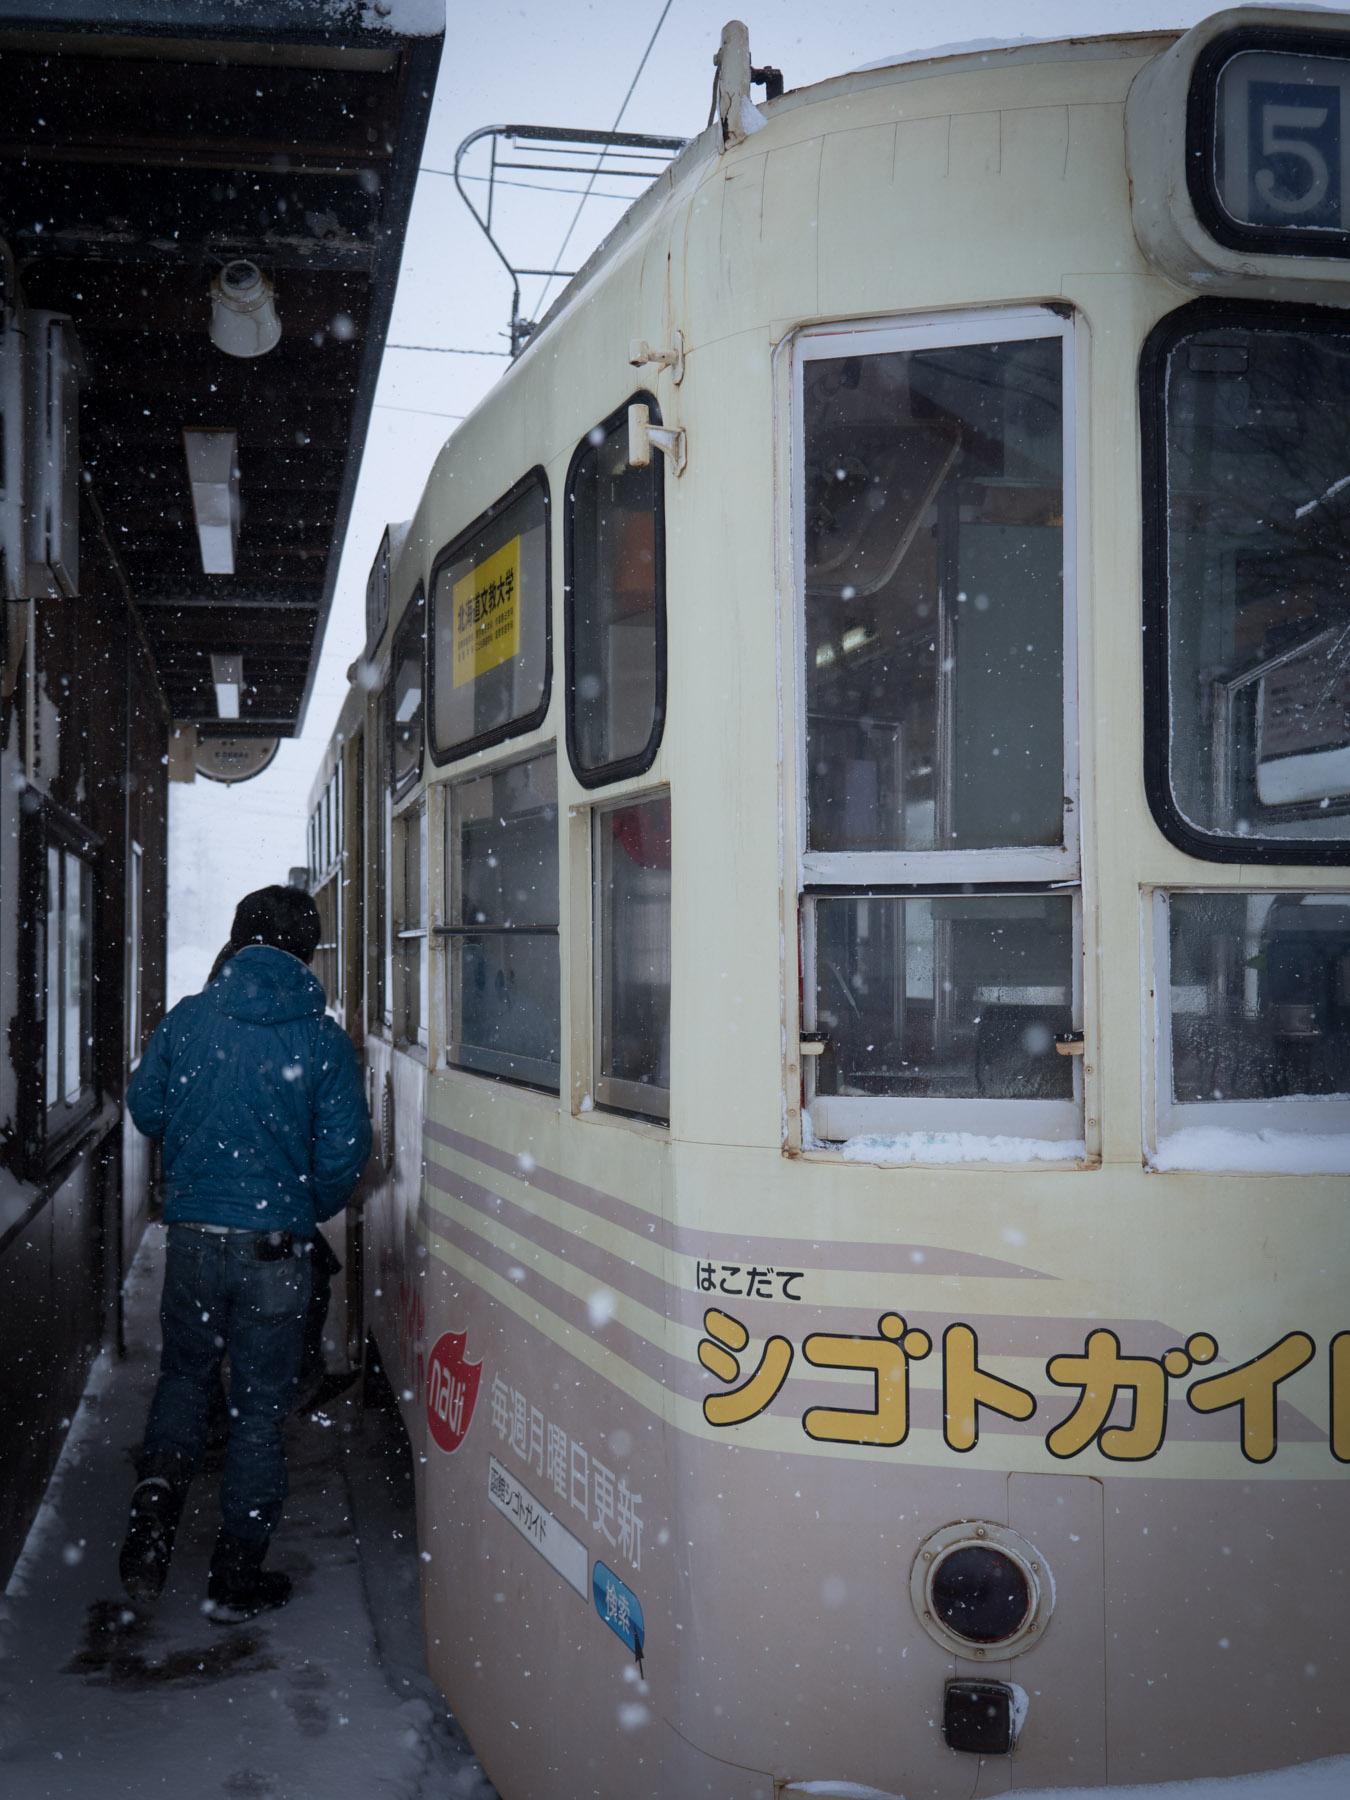 小雪舞う十字街電停 DMC-GX8 + LEICA DG 12-60mm